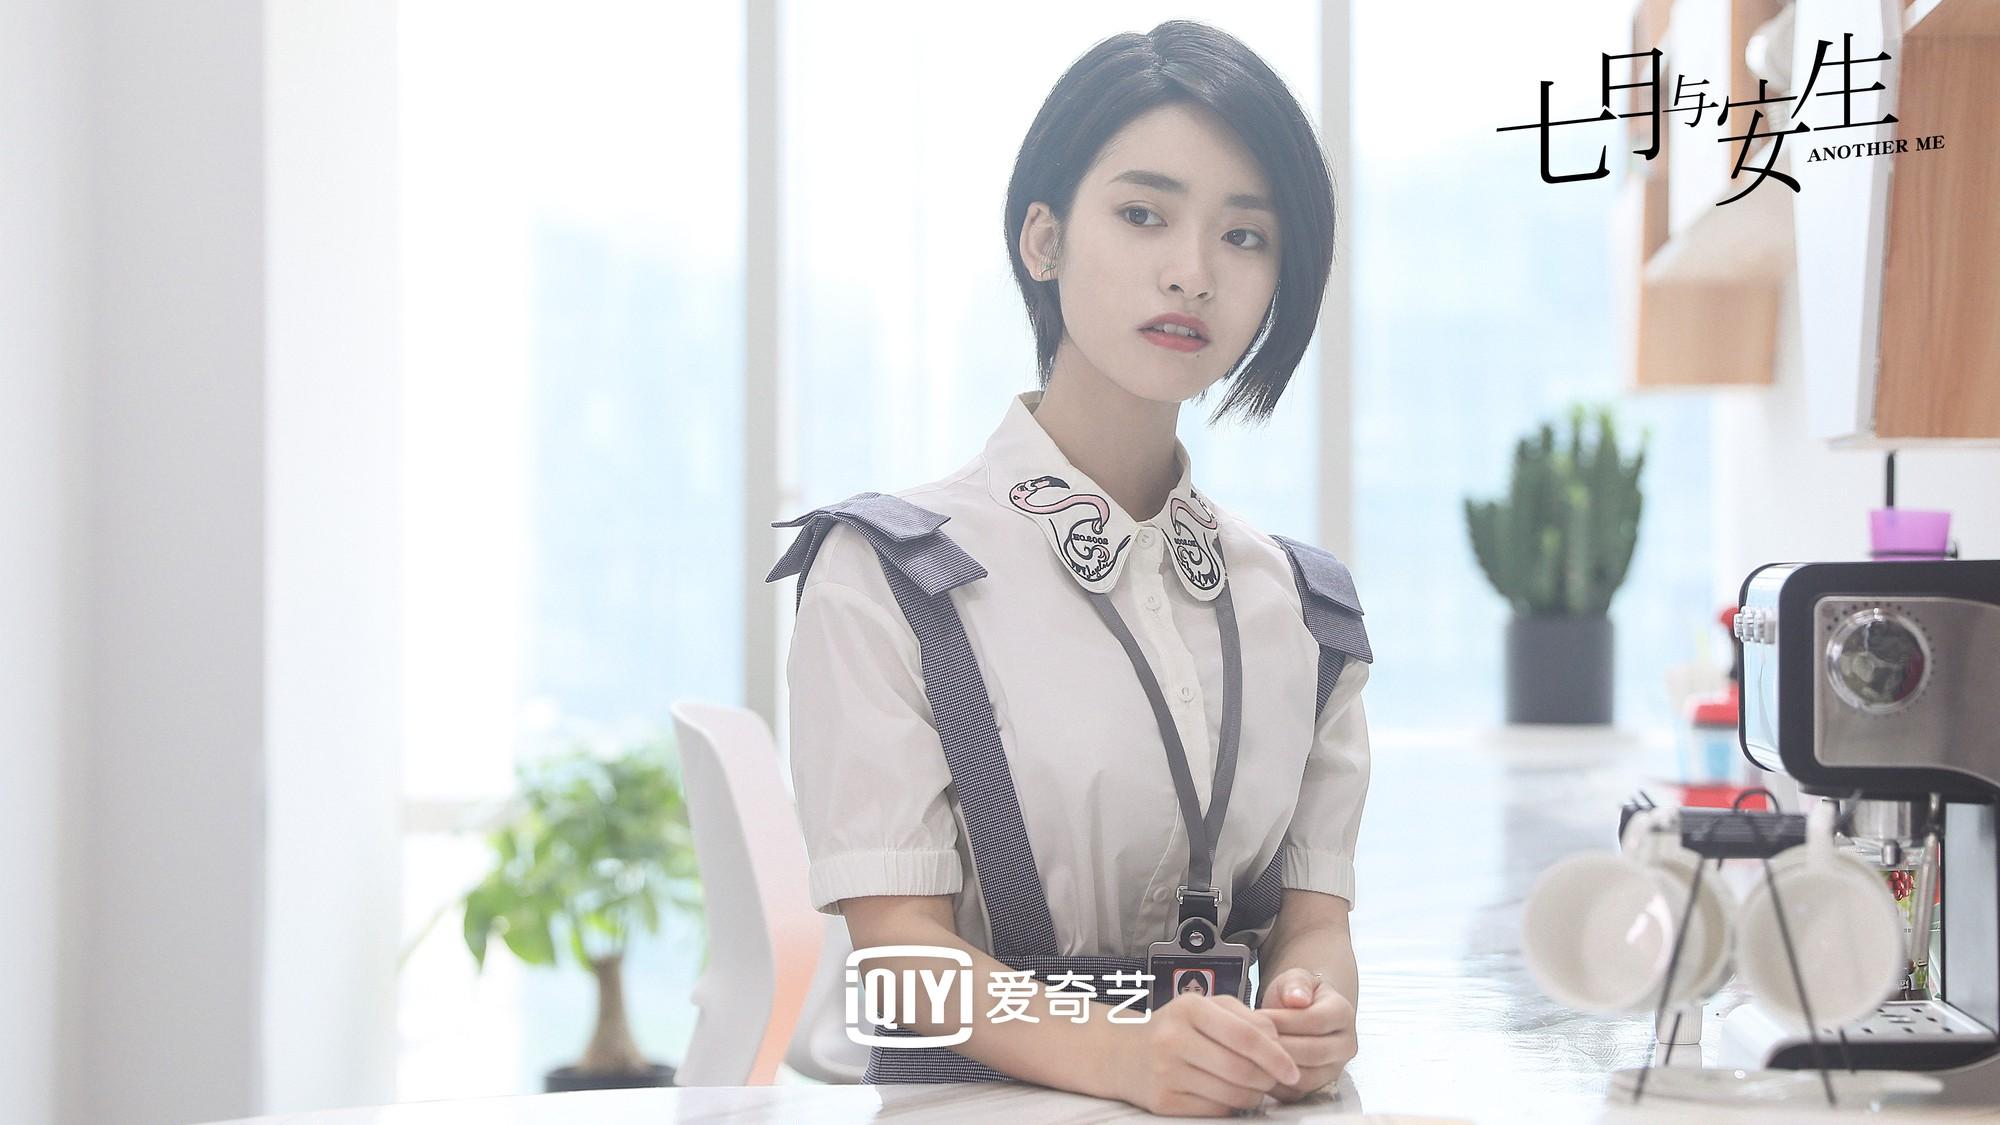 Cuộc chiến phim hè 2019: Một mình nam thần Dương Dương trơ trọi giữa dàn mỹ nữ Đường Yên, Dương Tử, Ngô Cẩn Ngôn - Ảnh 10.